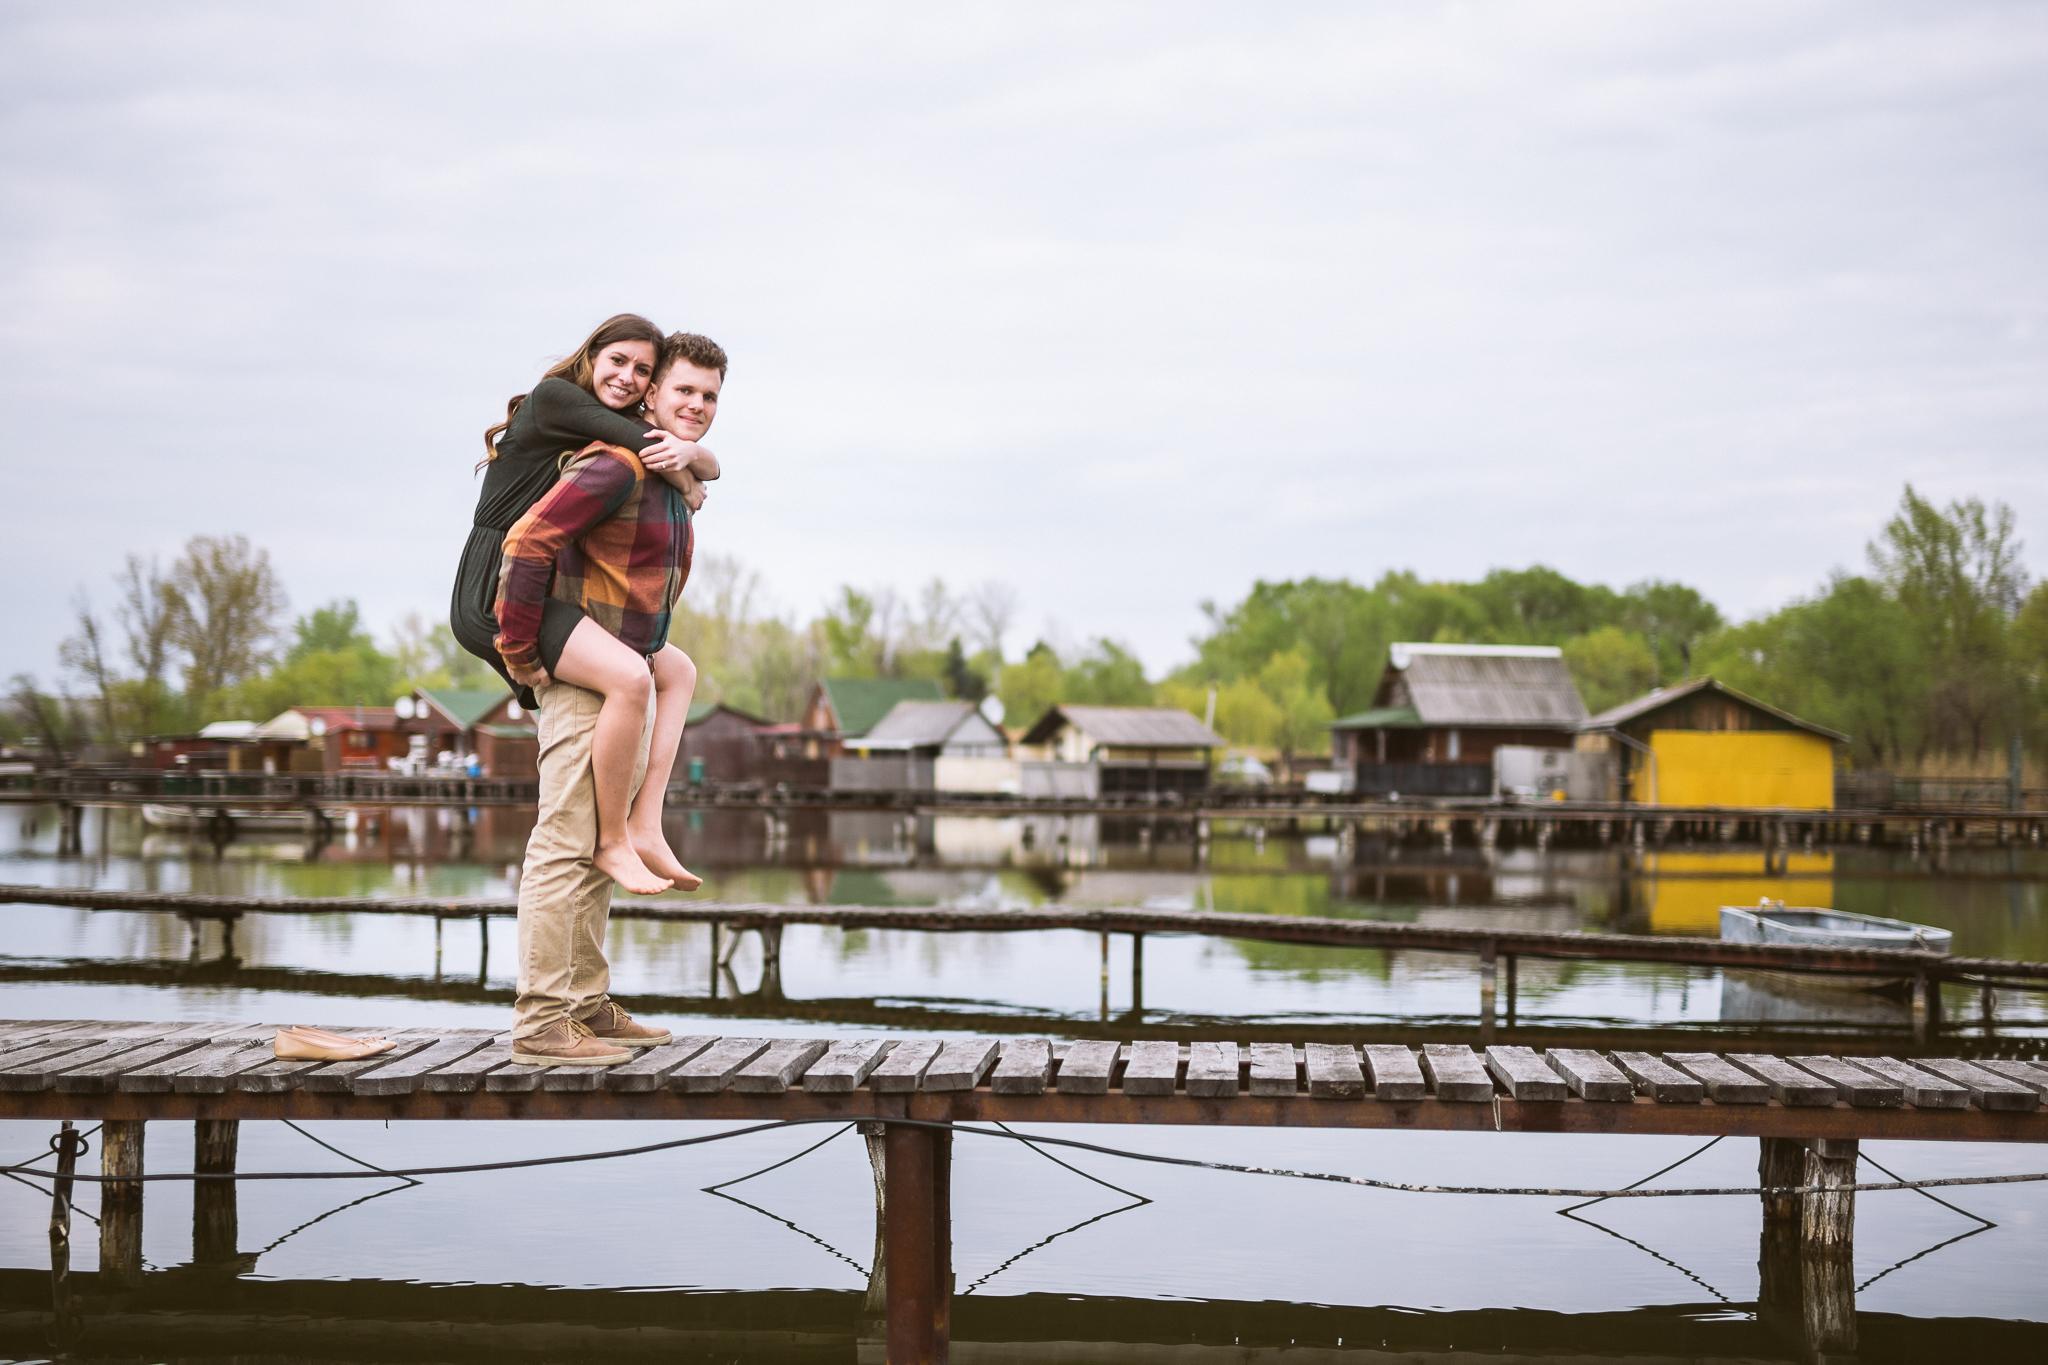 FylepPhoto, esküvőfotózás, magyarország, esküvői fotós, vasmegye, prémium, jegyesfotózás, Fülöp Péter, körmend, kreatív, Bokod, Budapest 15.jpg